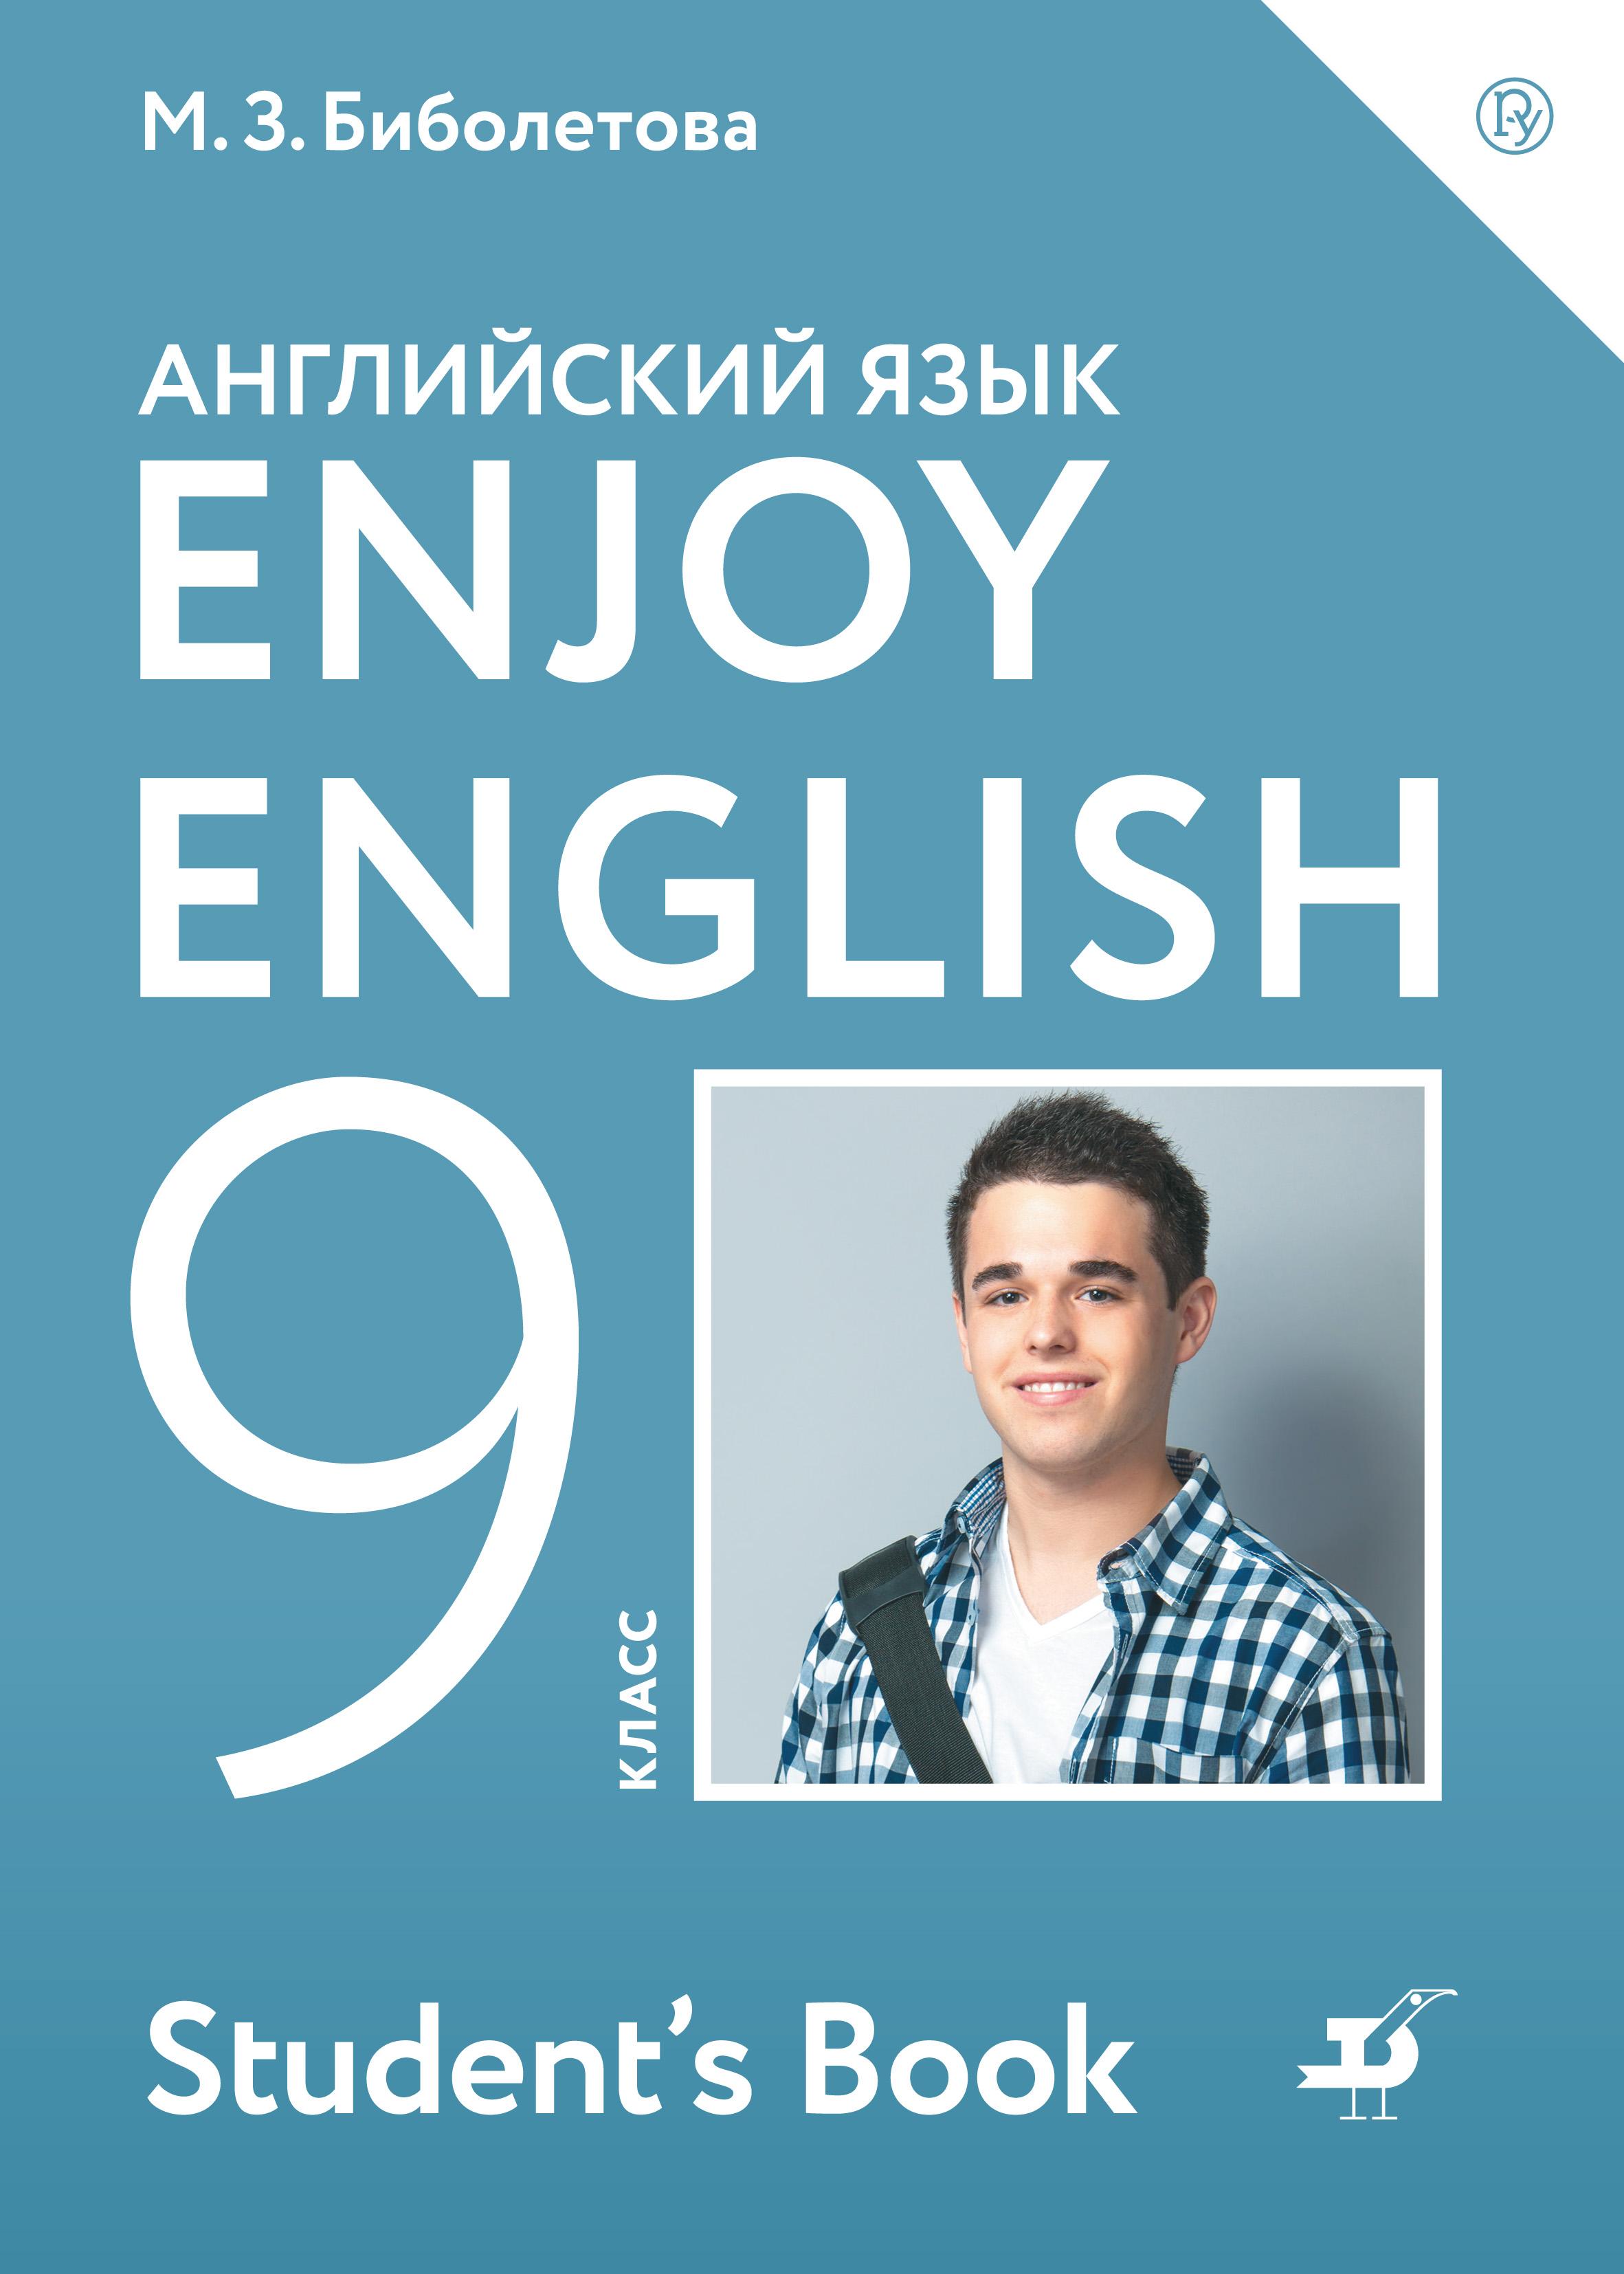 Гдз По Английскому Языку 8 Класс Биболетова Бабушис Кларк 2019